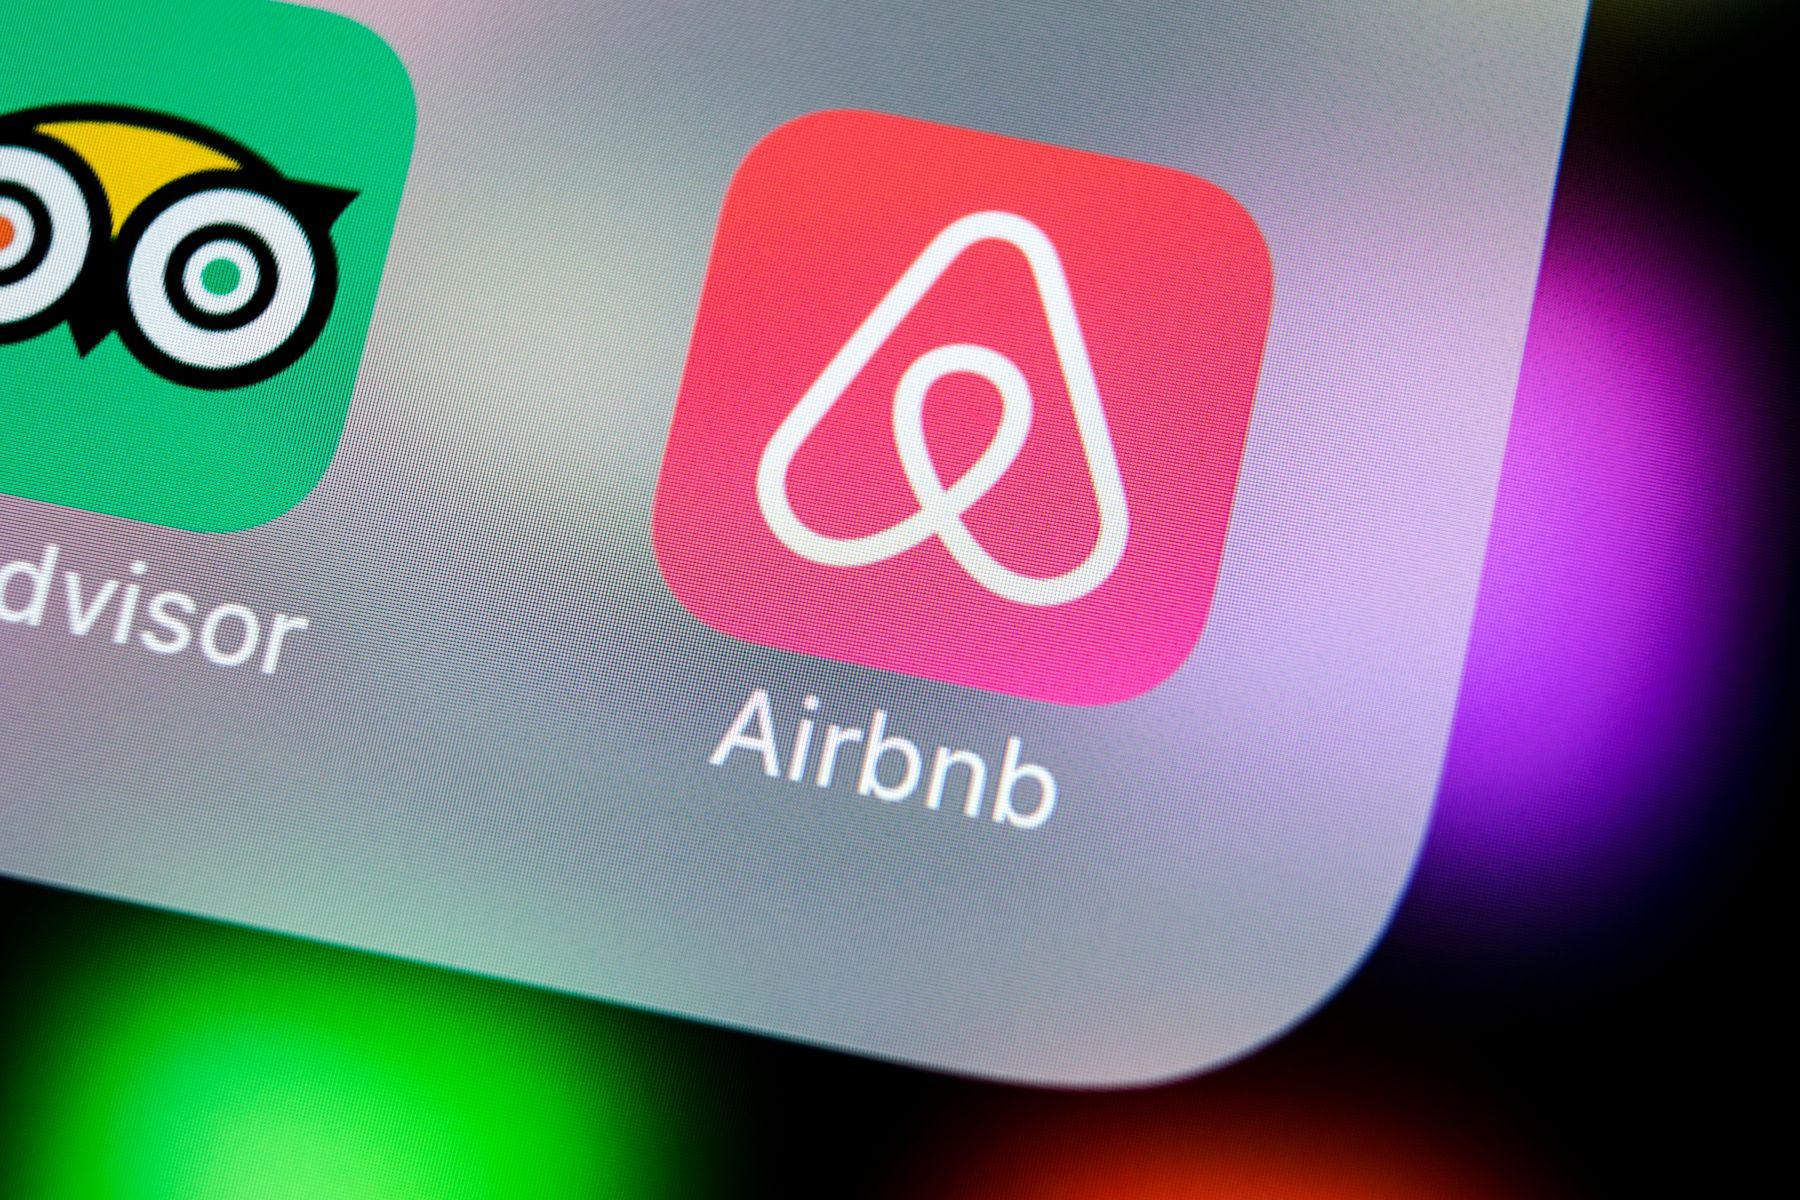 日大規模下架違法民宿 Airbnb祭全額退費+百元美金補償挽信心